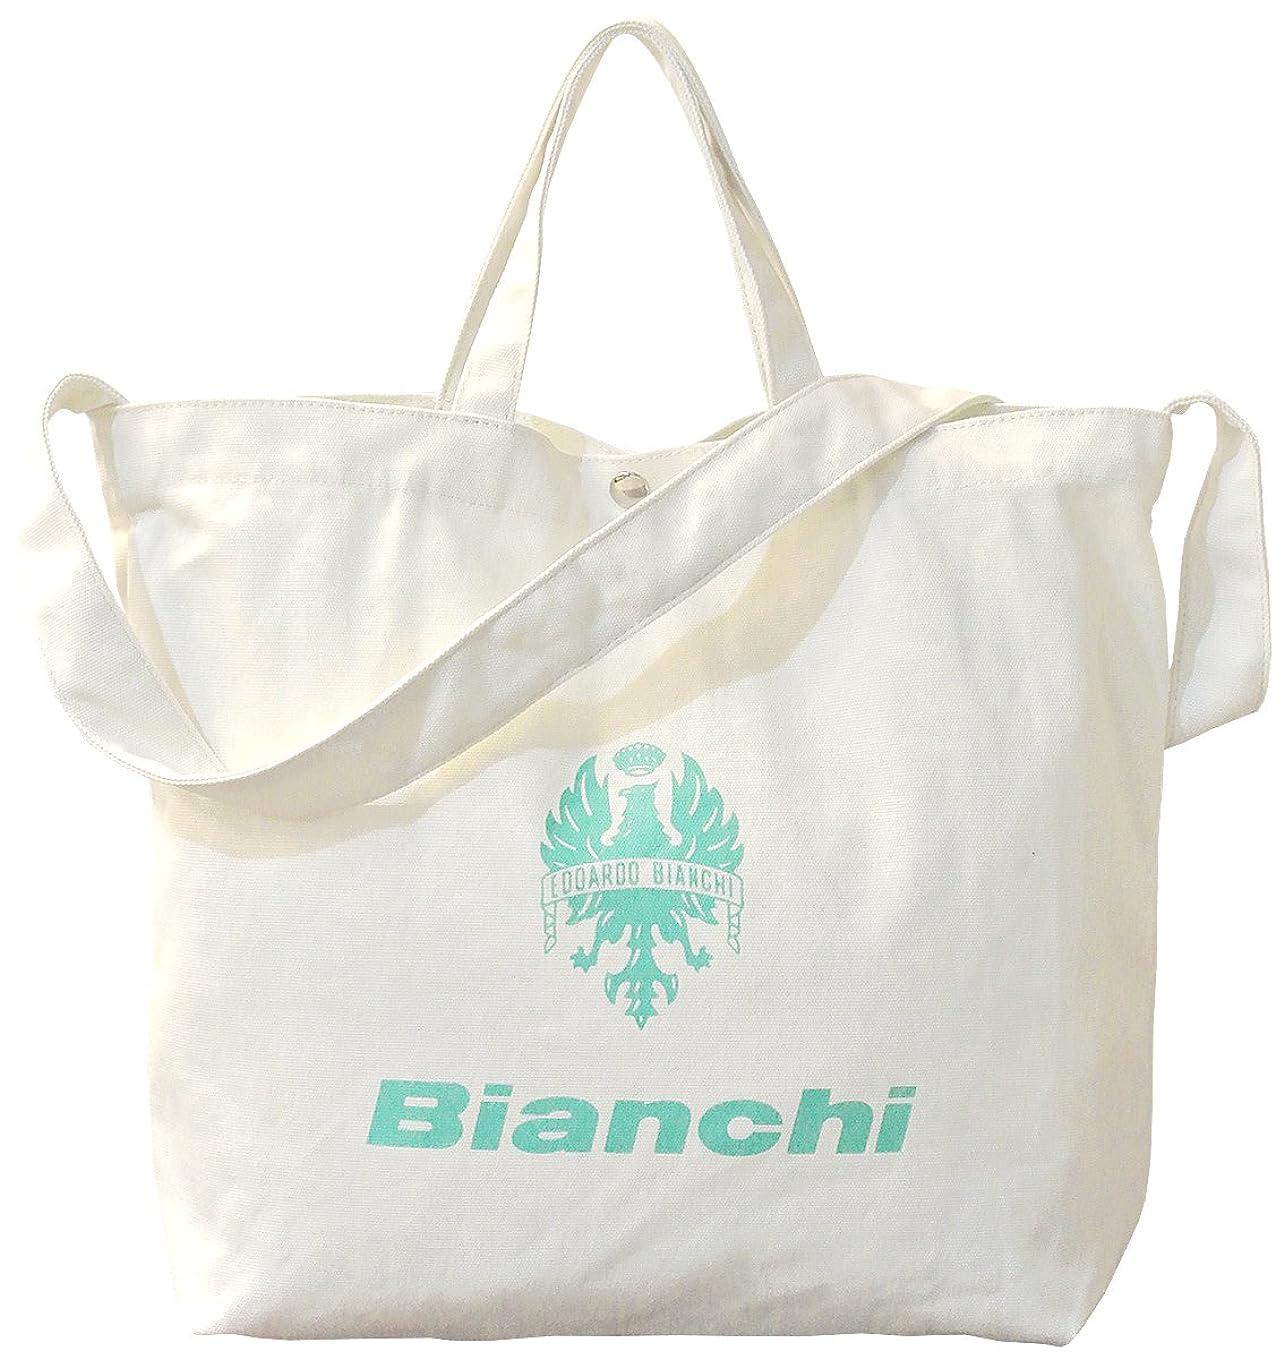 生活リビングルームたとえ[ビアンキ] Bianchi キャンバス地 2wayトートバッグ ショルダーベルト付 WBHA01